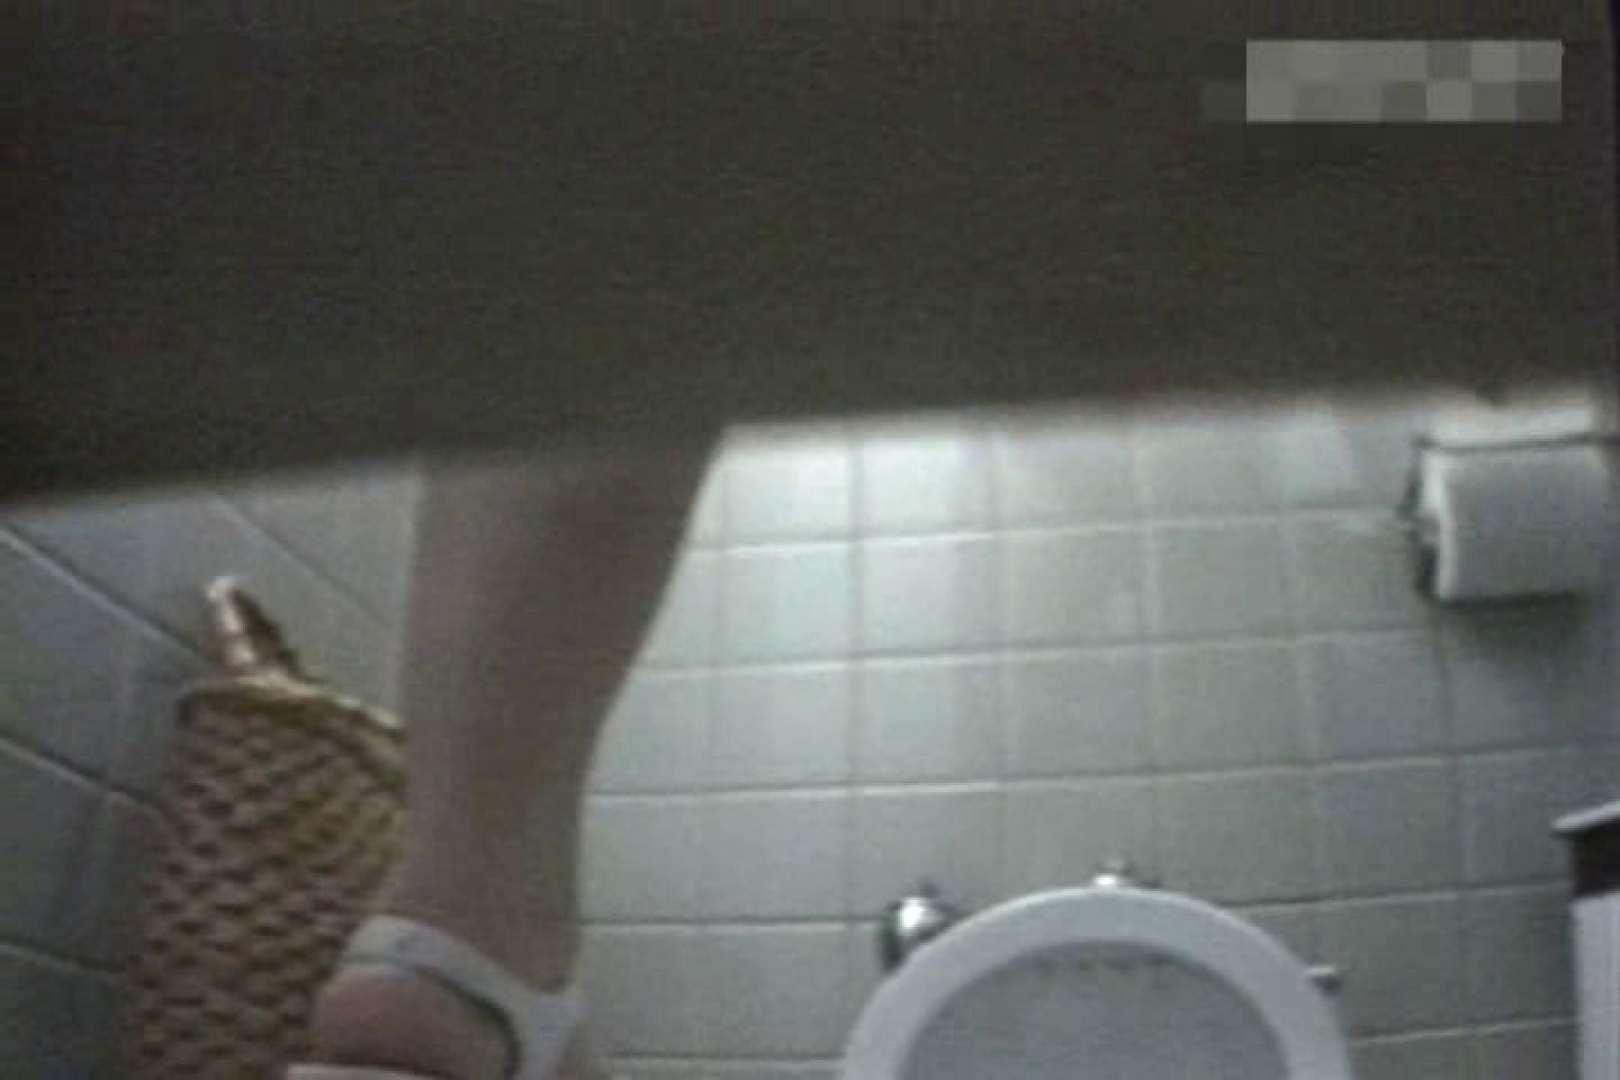 個室狂いのマニア映像Vol.2 水着  33pic 9